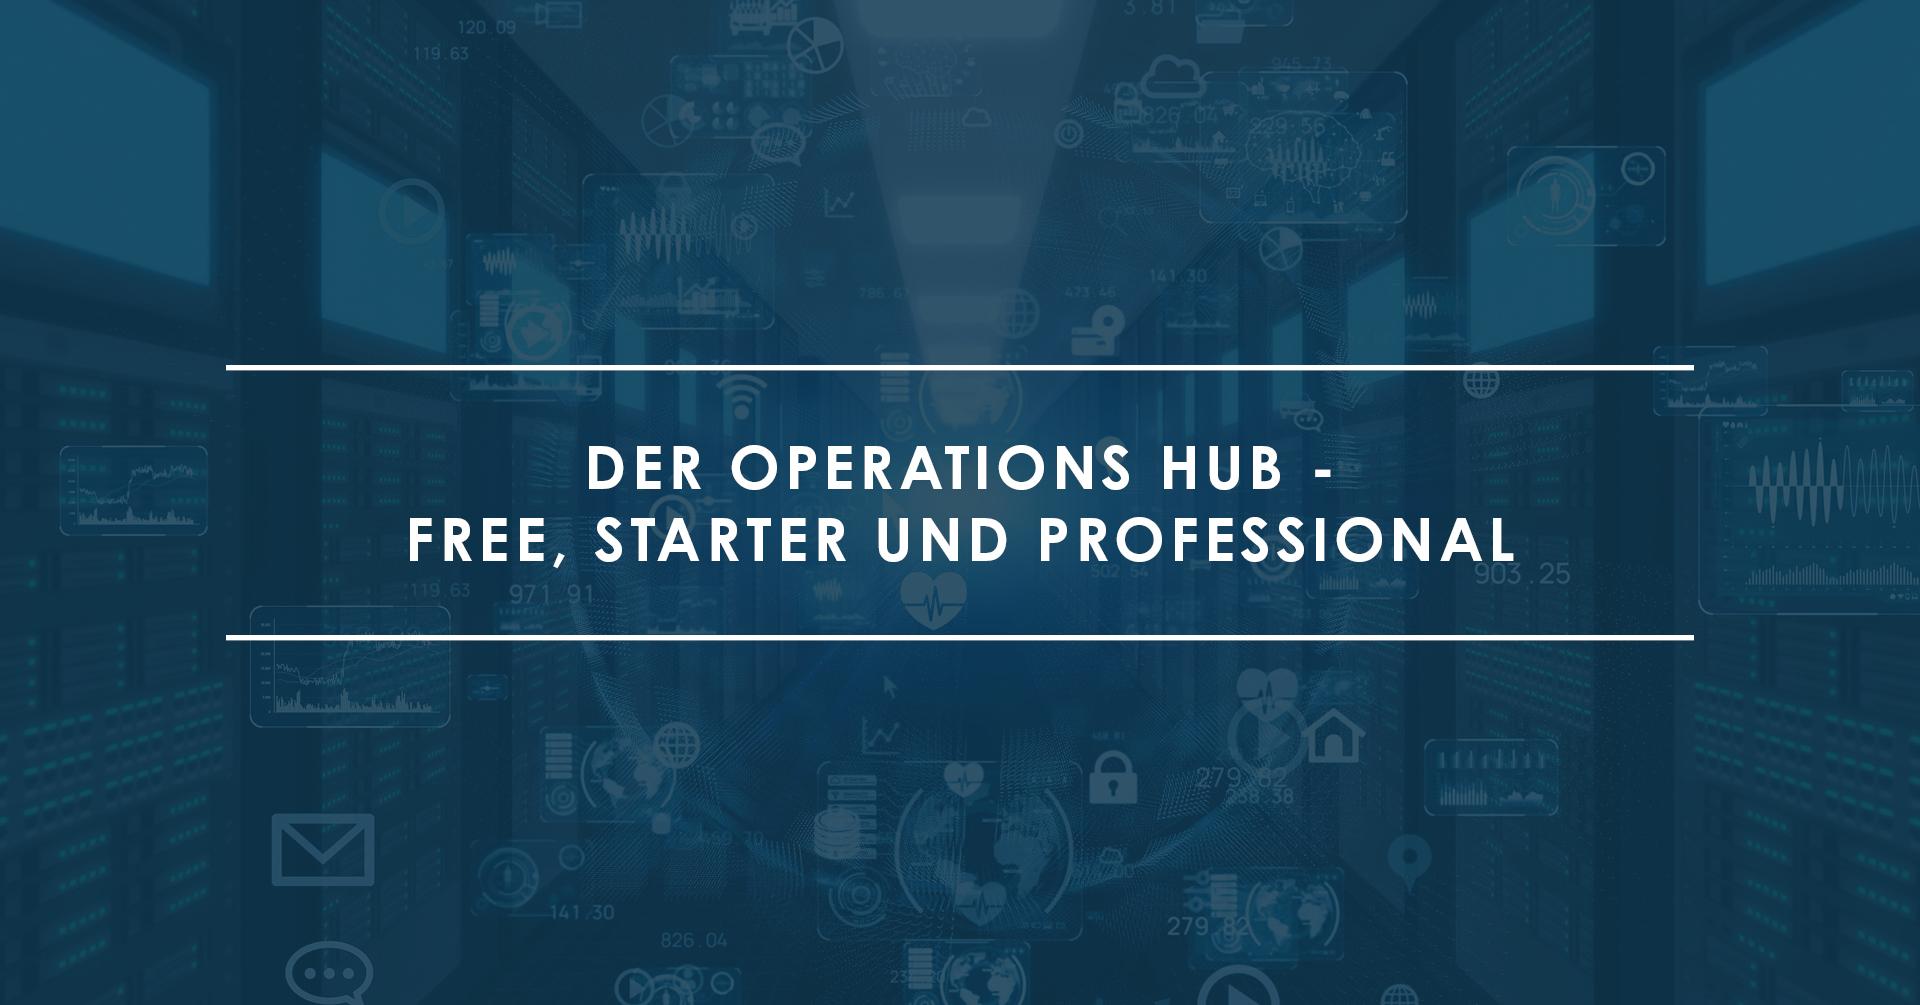 Der Operations Hub von hubSpot - Free, Starter und Professional